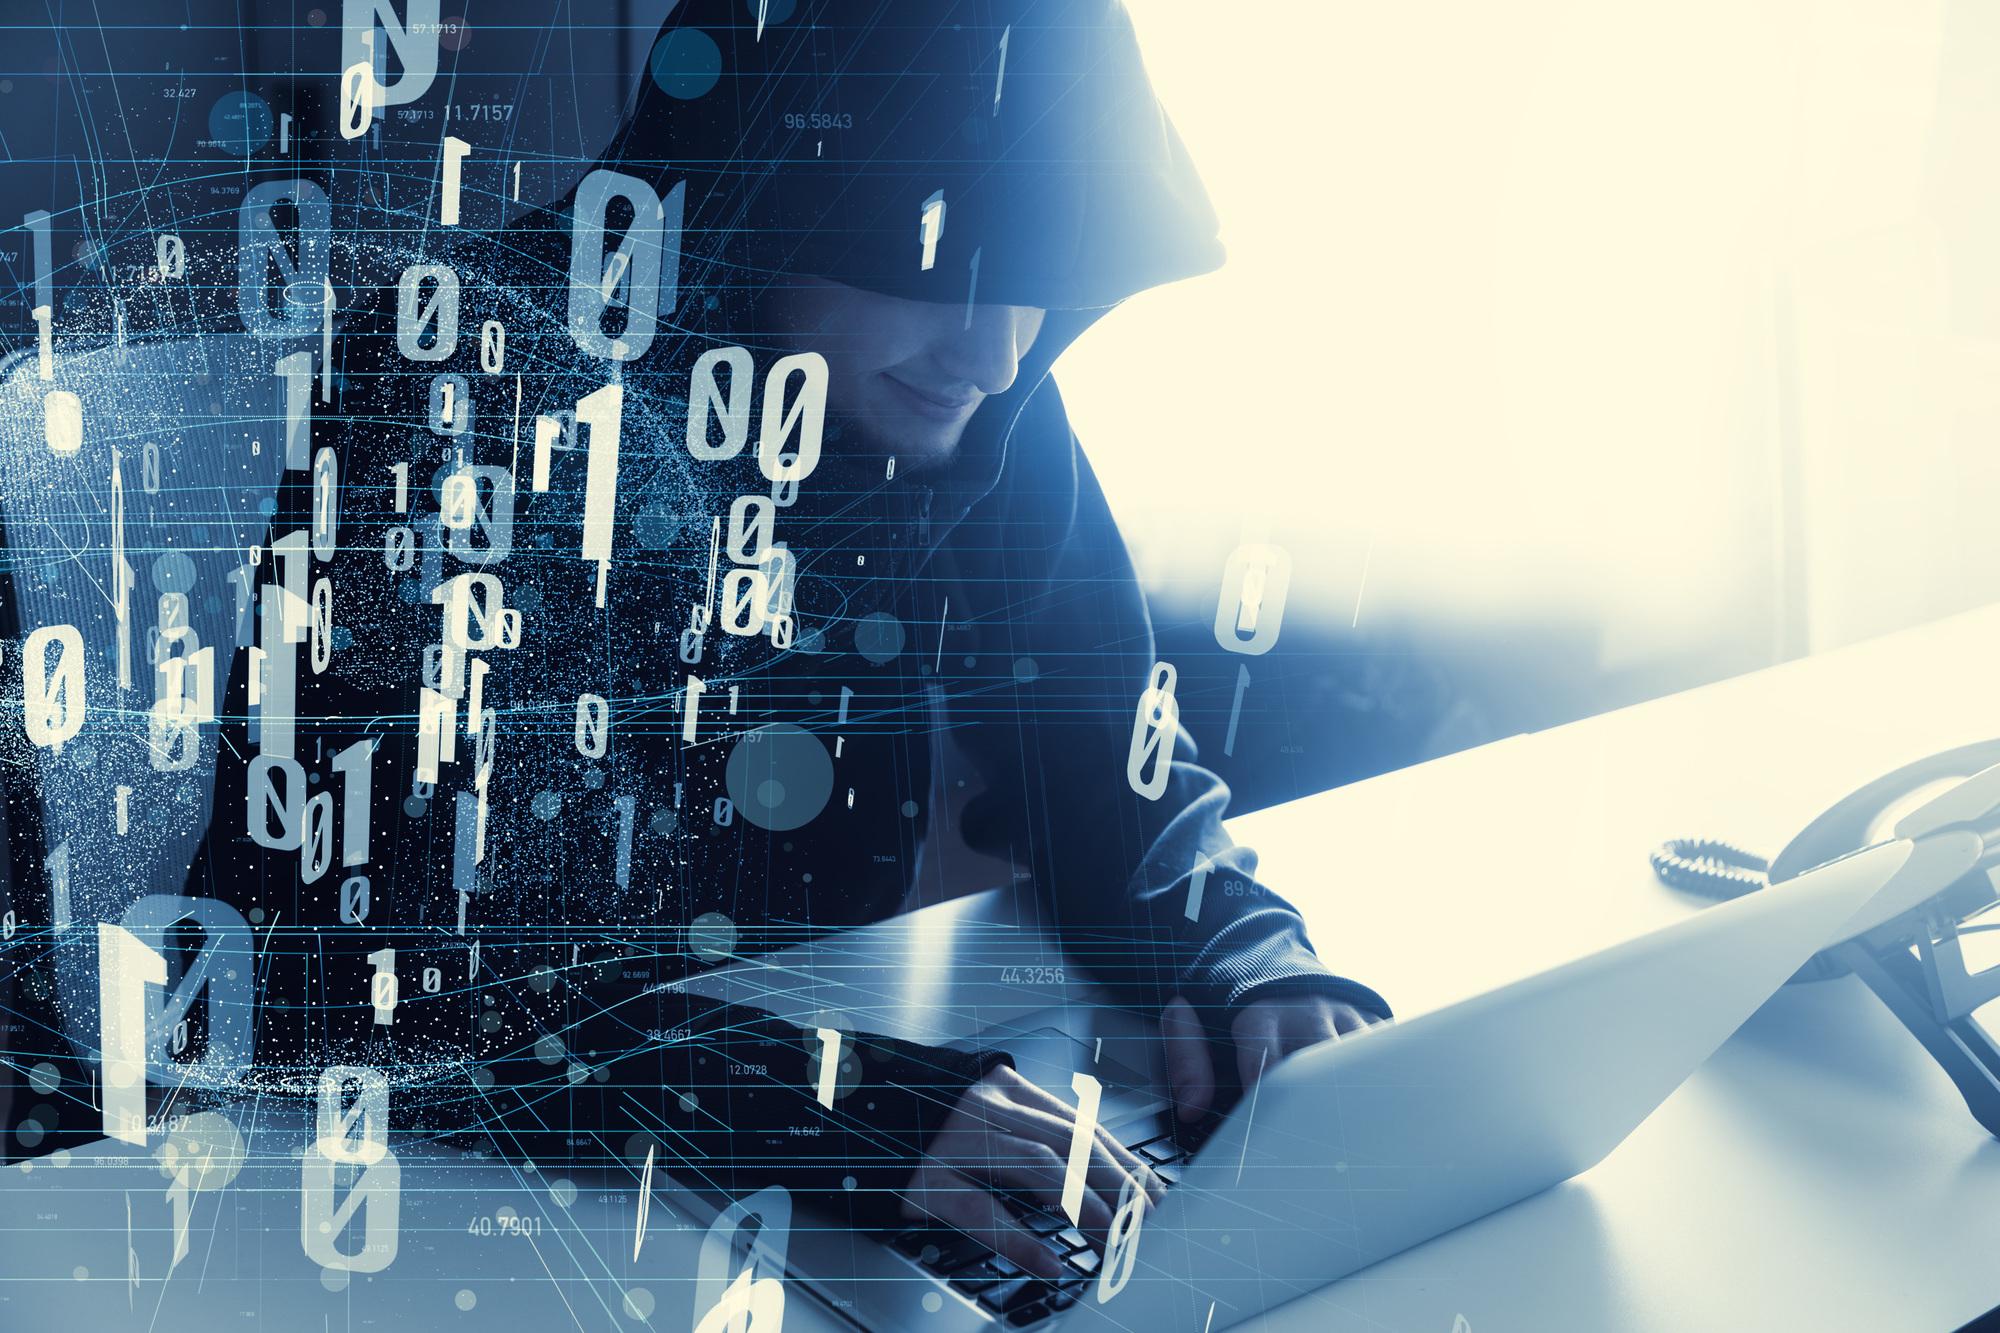 DoS攻撃をされたときに起こる影響3つ|対策方法もあわせて紹介のアイキャッチイメージ